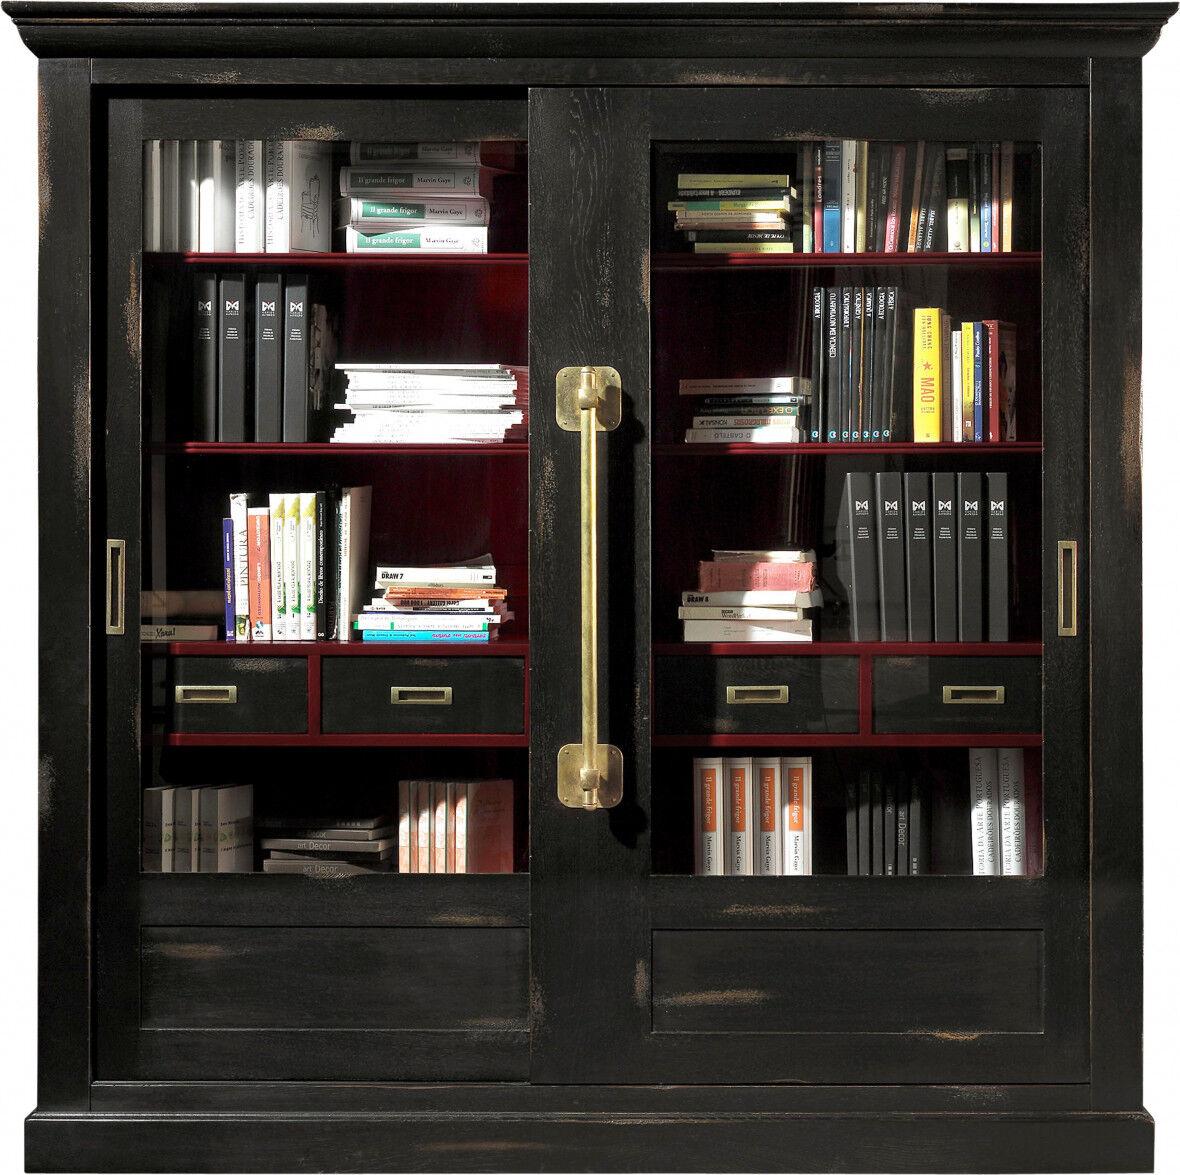 Destock Meubles Grande bibliothèque chêne massif noir 2 portes coulissantes vitrées